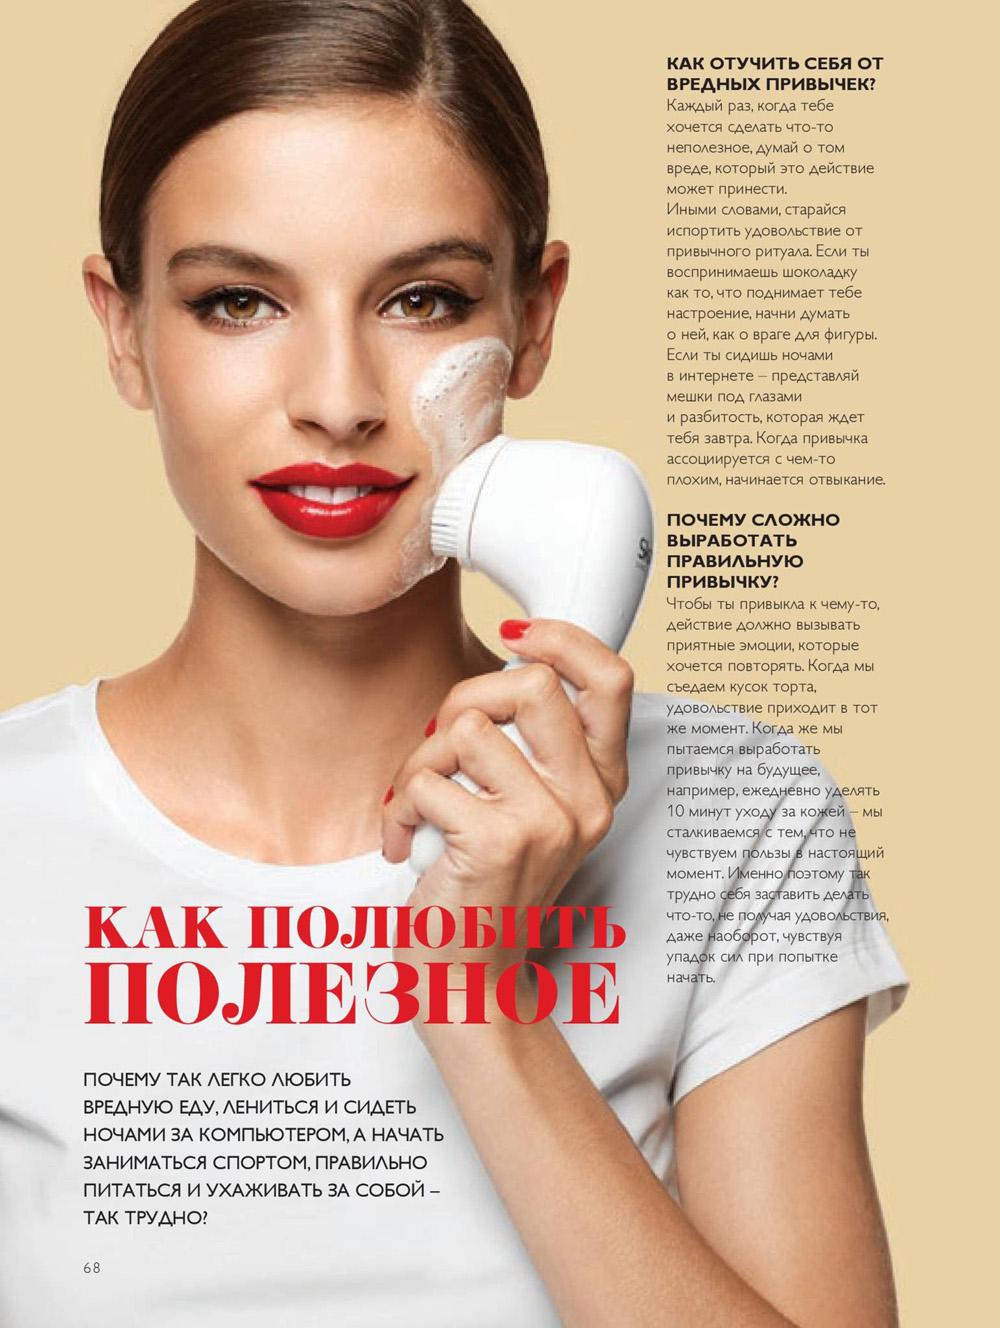 Старица 68, книга красоты Орифлейм Лето 2018, Россия